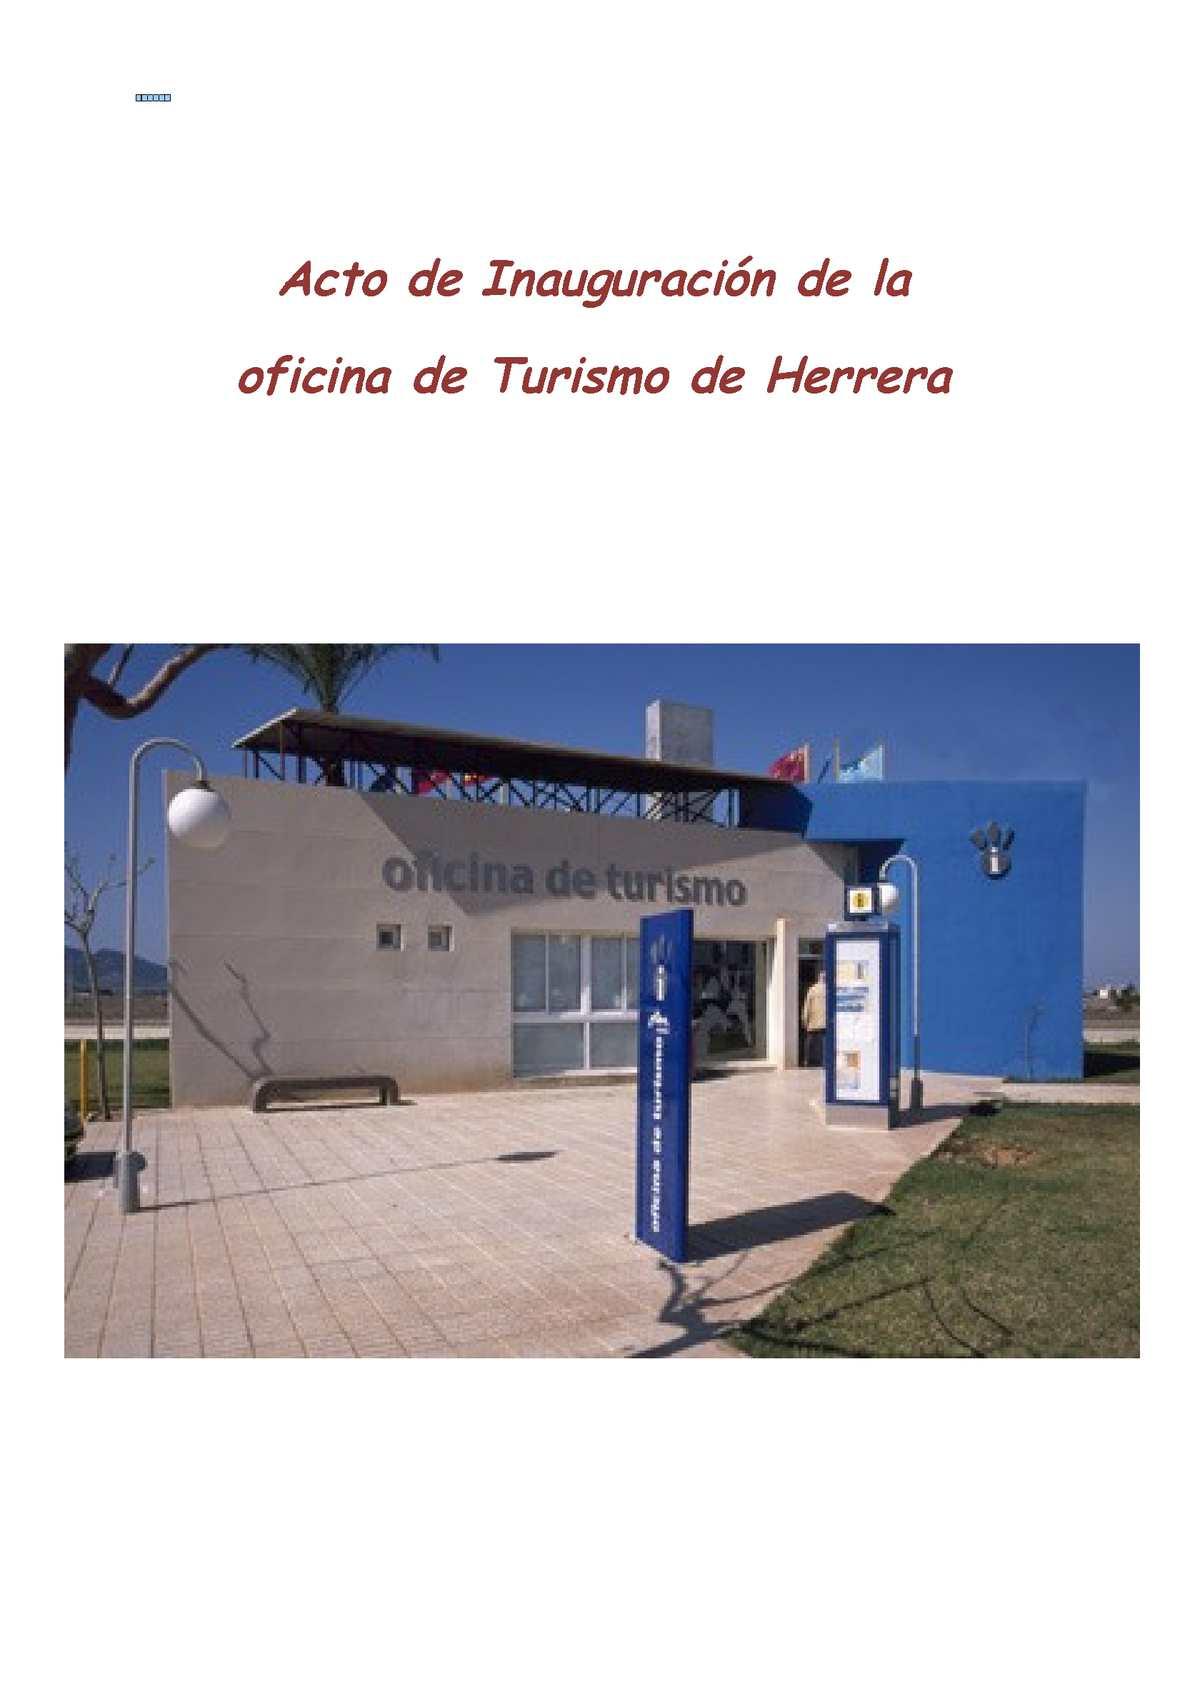 Calam o acto de inauguraci n de oficina de turismo for Oficina de turismo sevilla